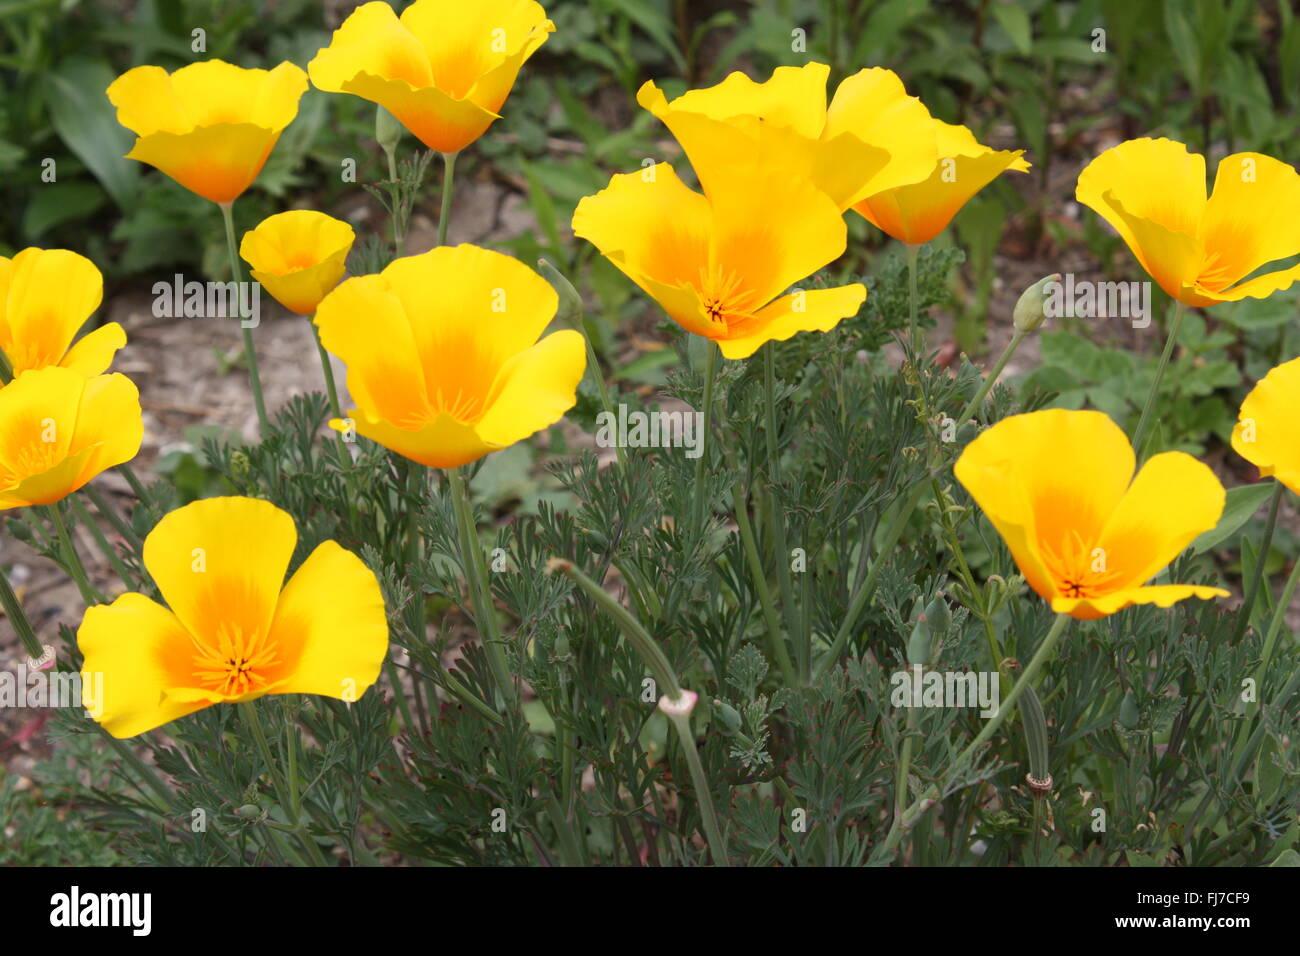 Yellow California poppy flowers Stock Photo